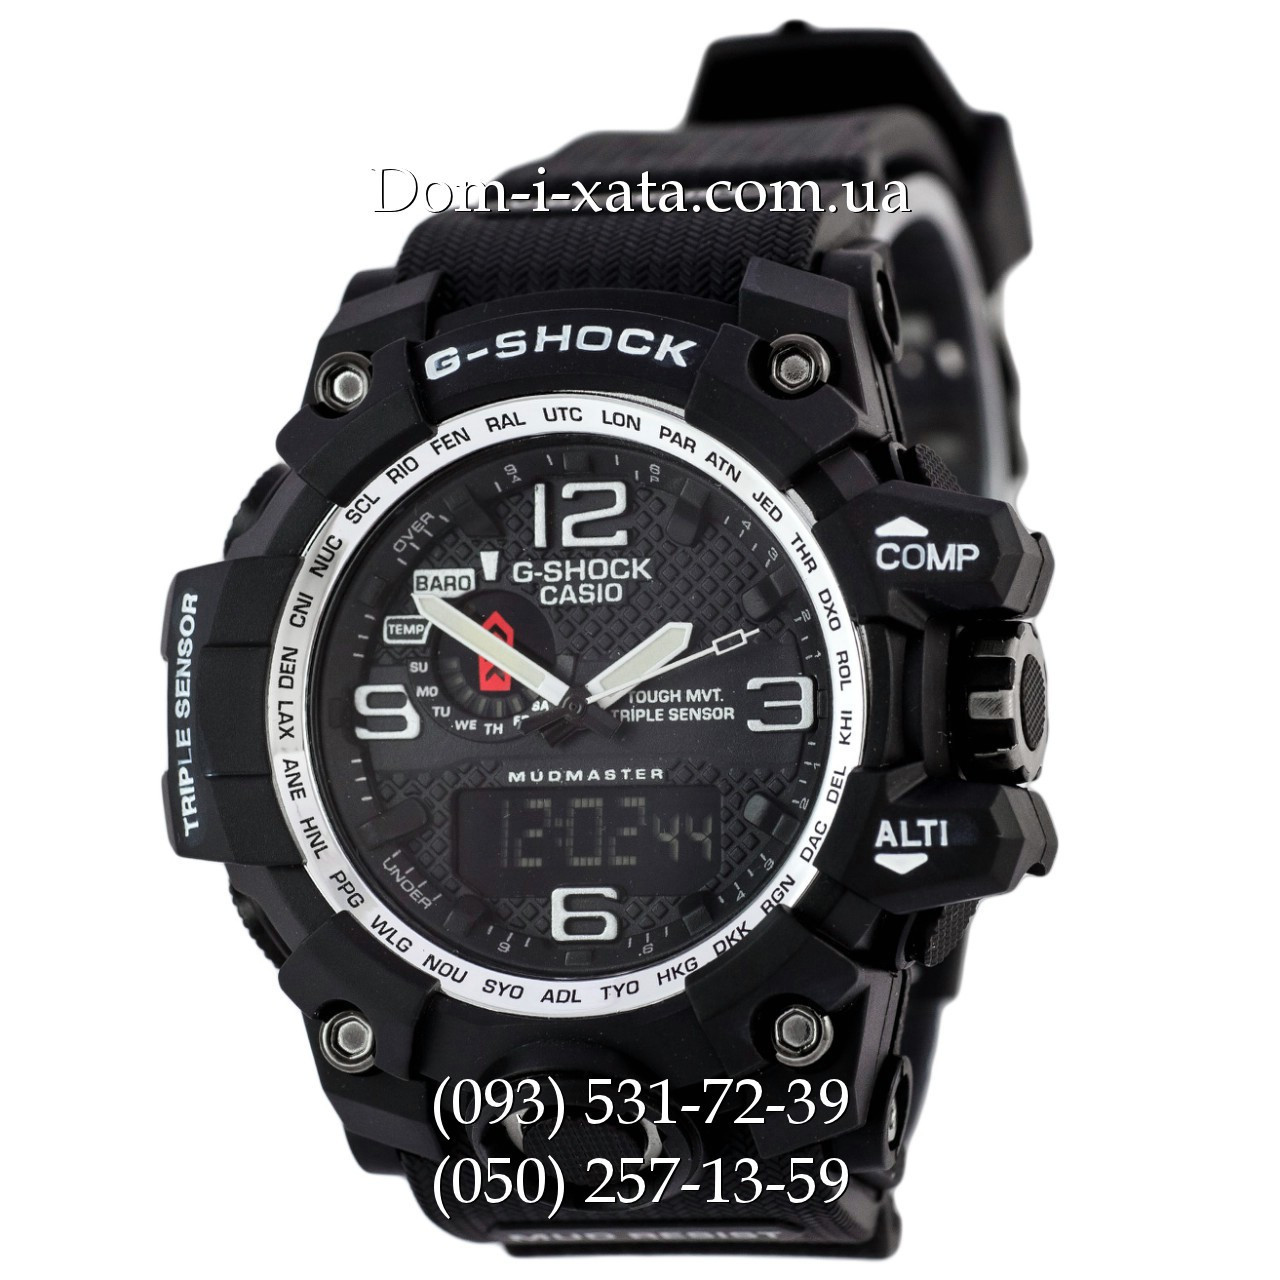 Электронные часы Casio G-Shock GWG 1000 Black/Silver, спортивные часы Джи Шок черные, серебристый циферблат, реплика, отличное качество!